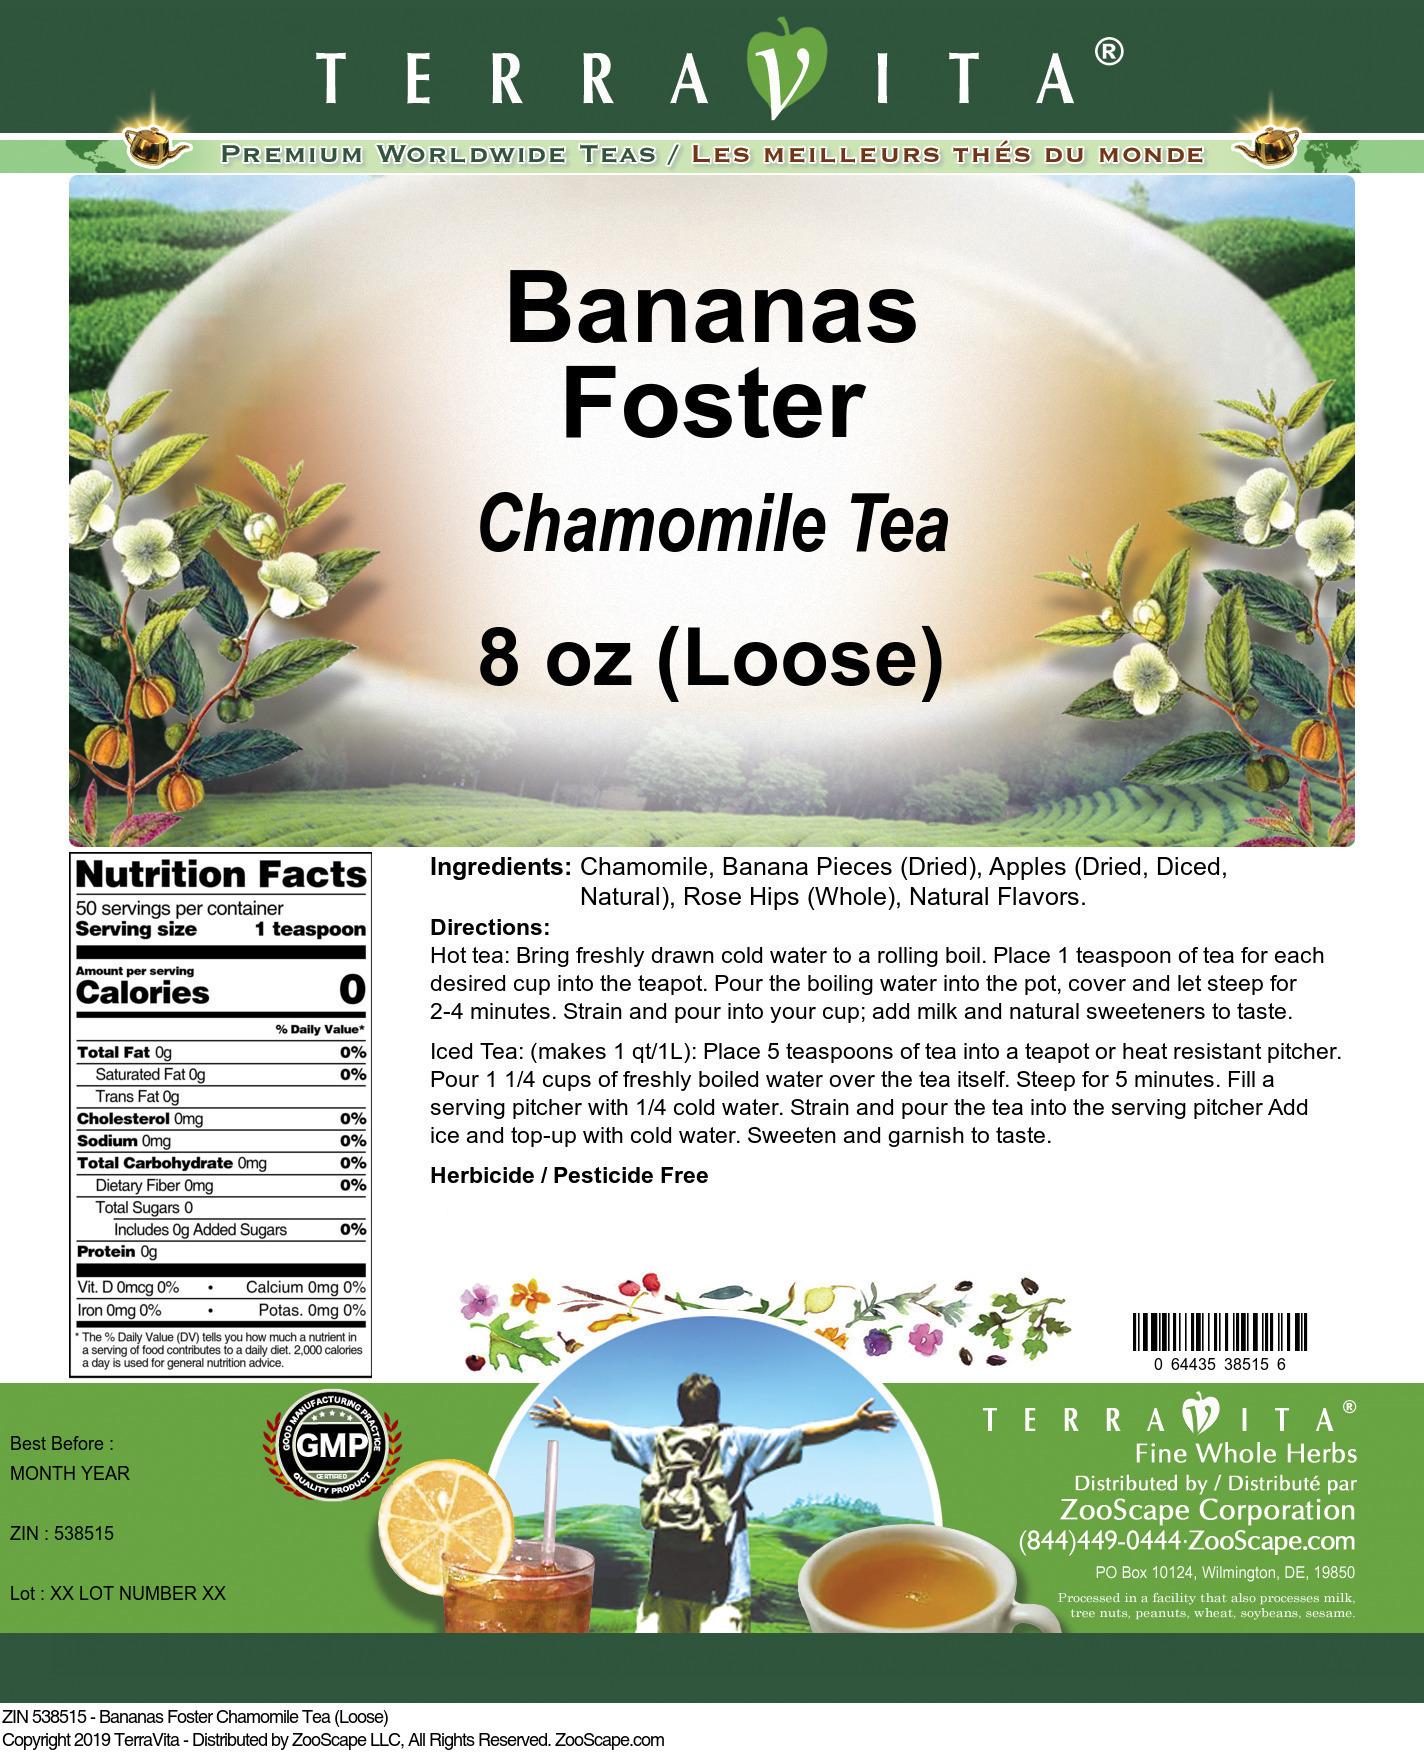 Banana Foster Chamomile Tea